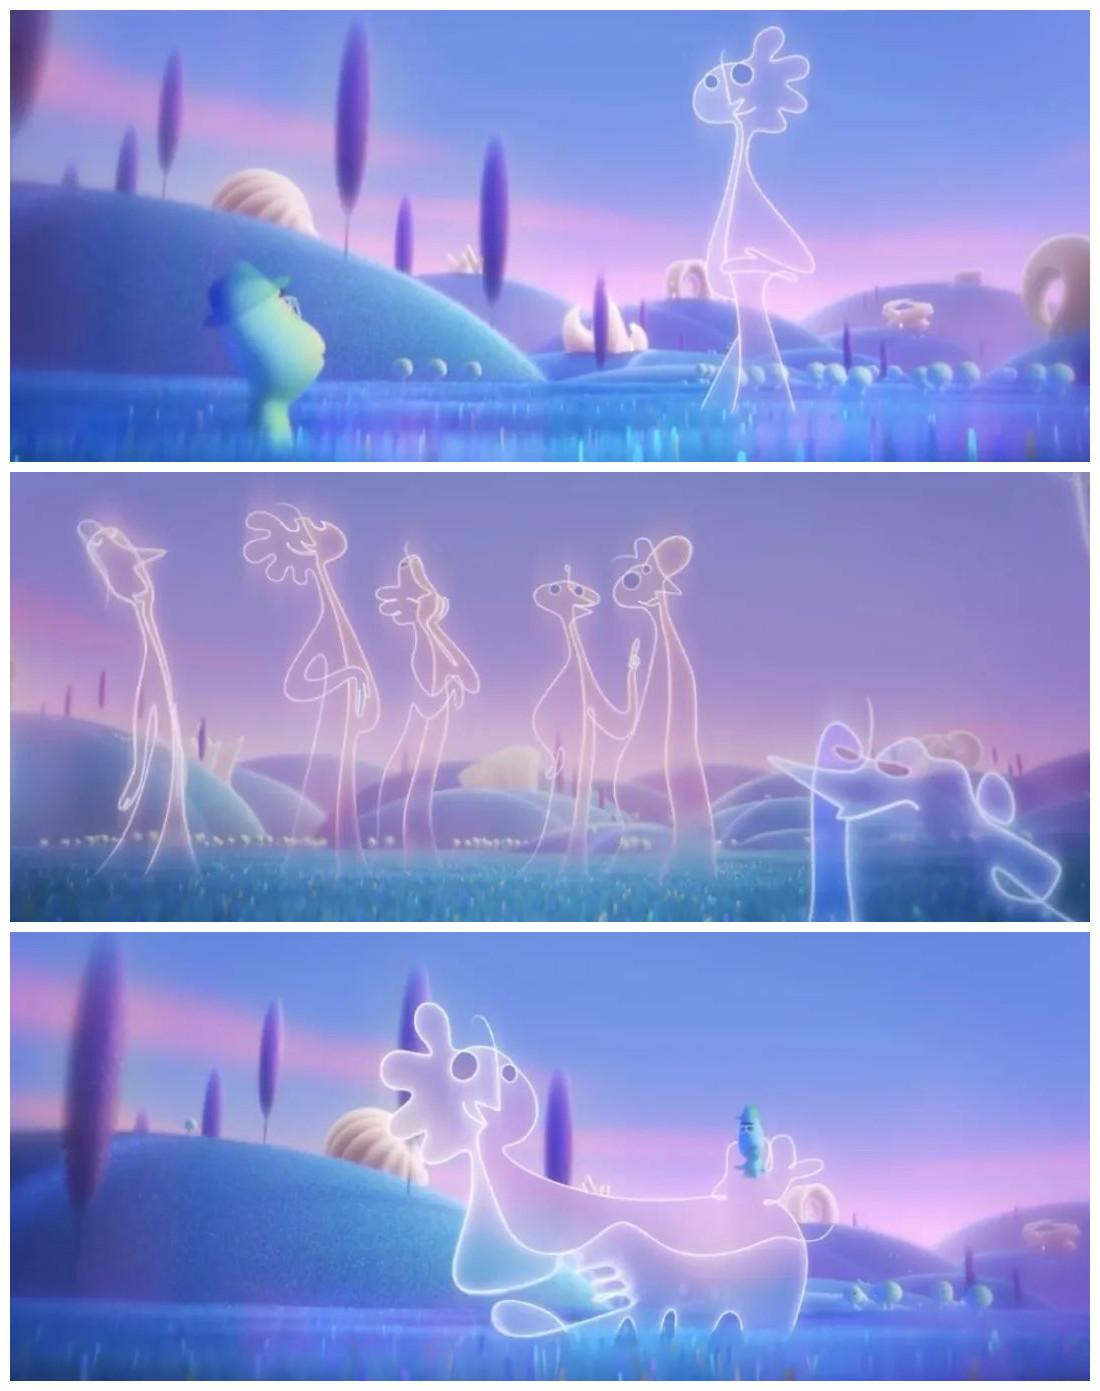 《心灵奇旅》爆红,在线「灵魂生成器」被设计师玩坏了!